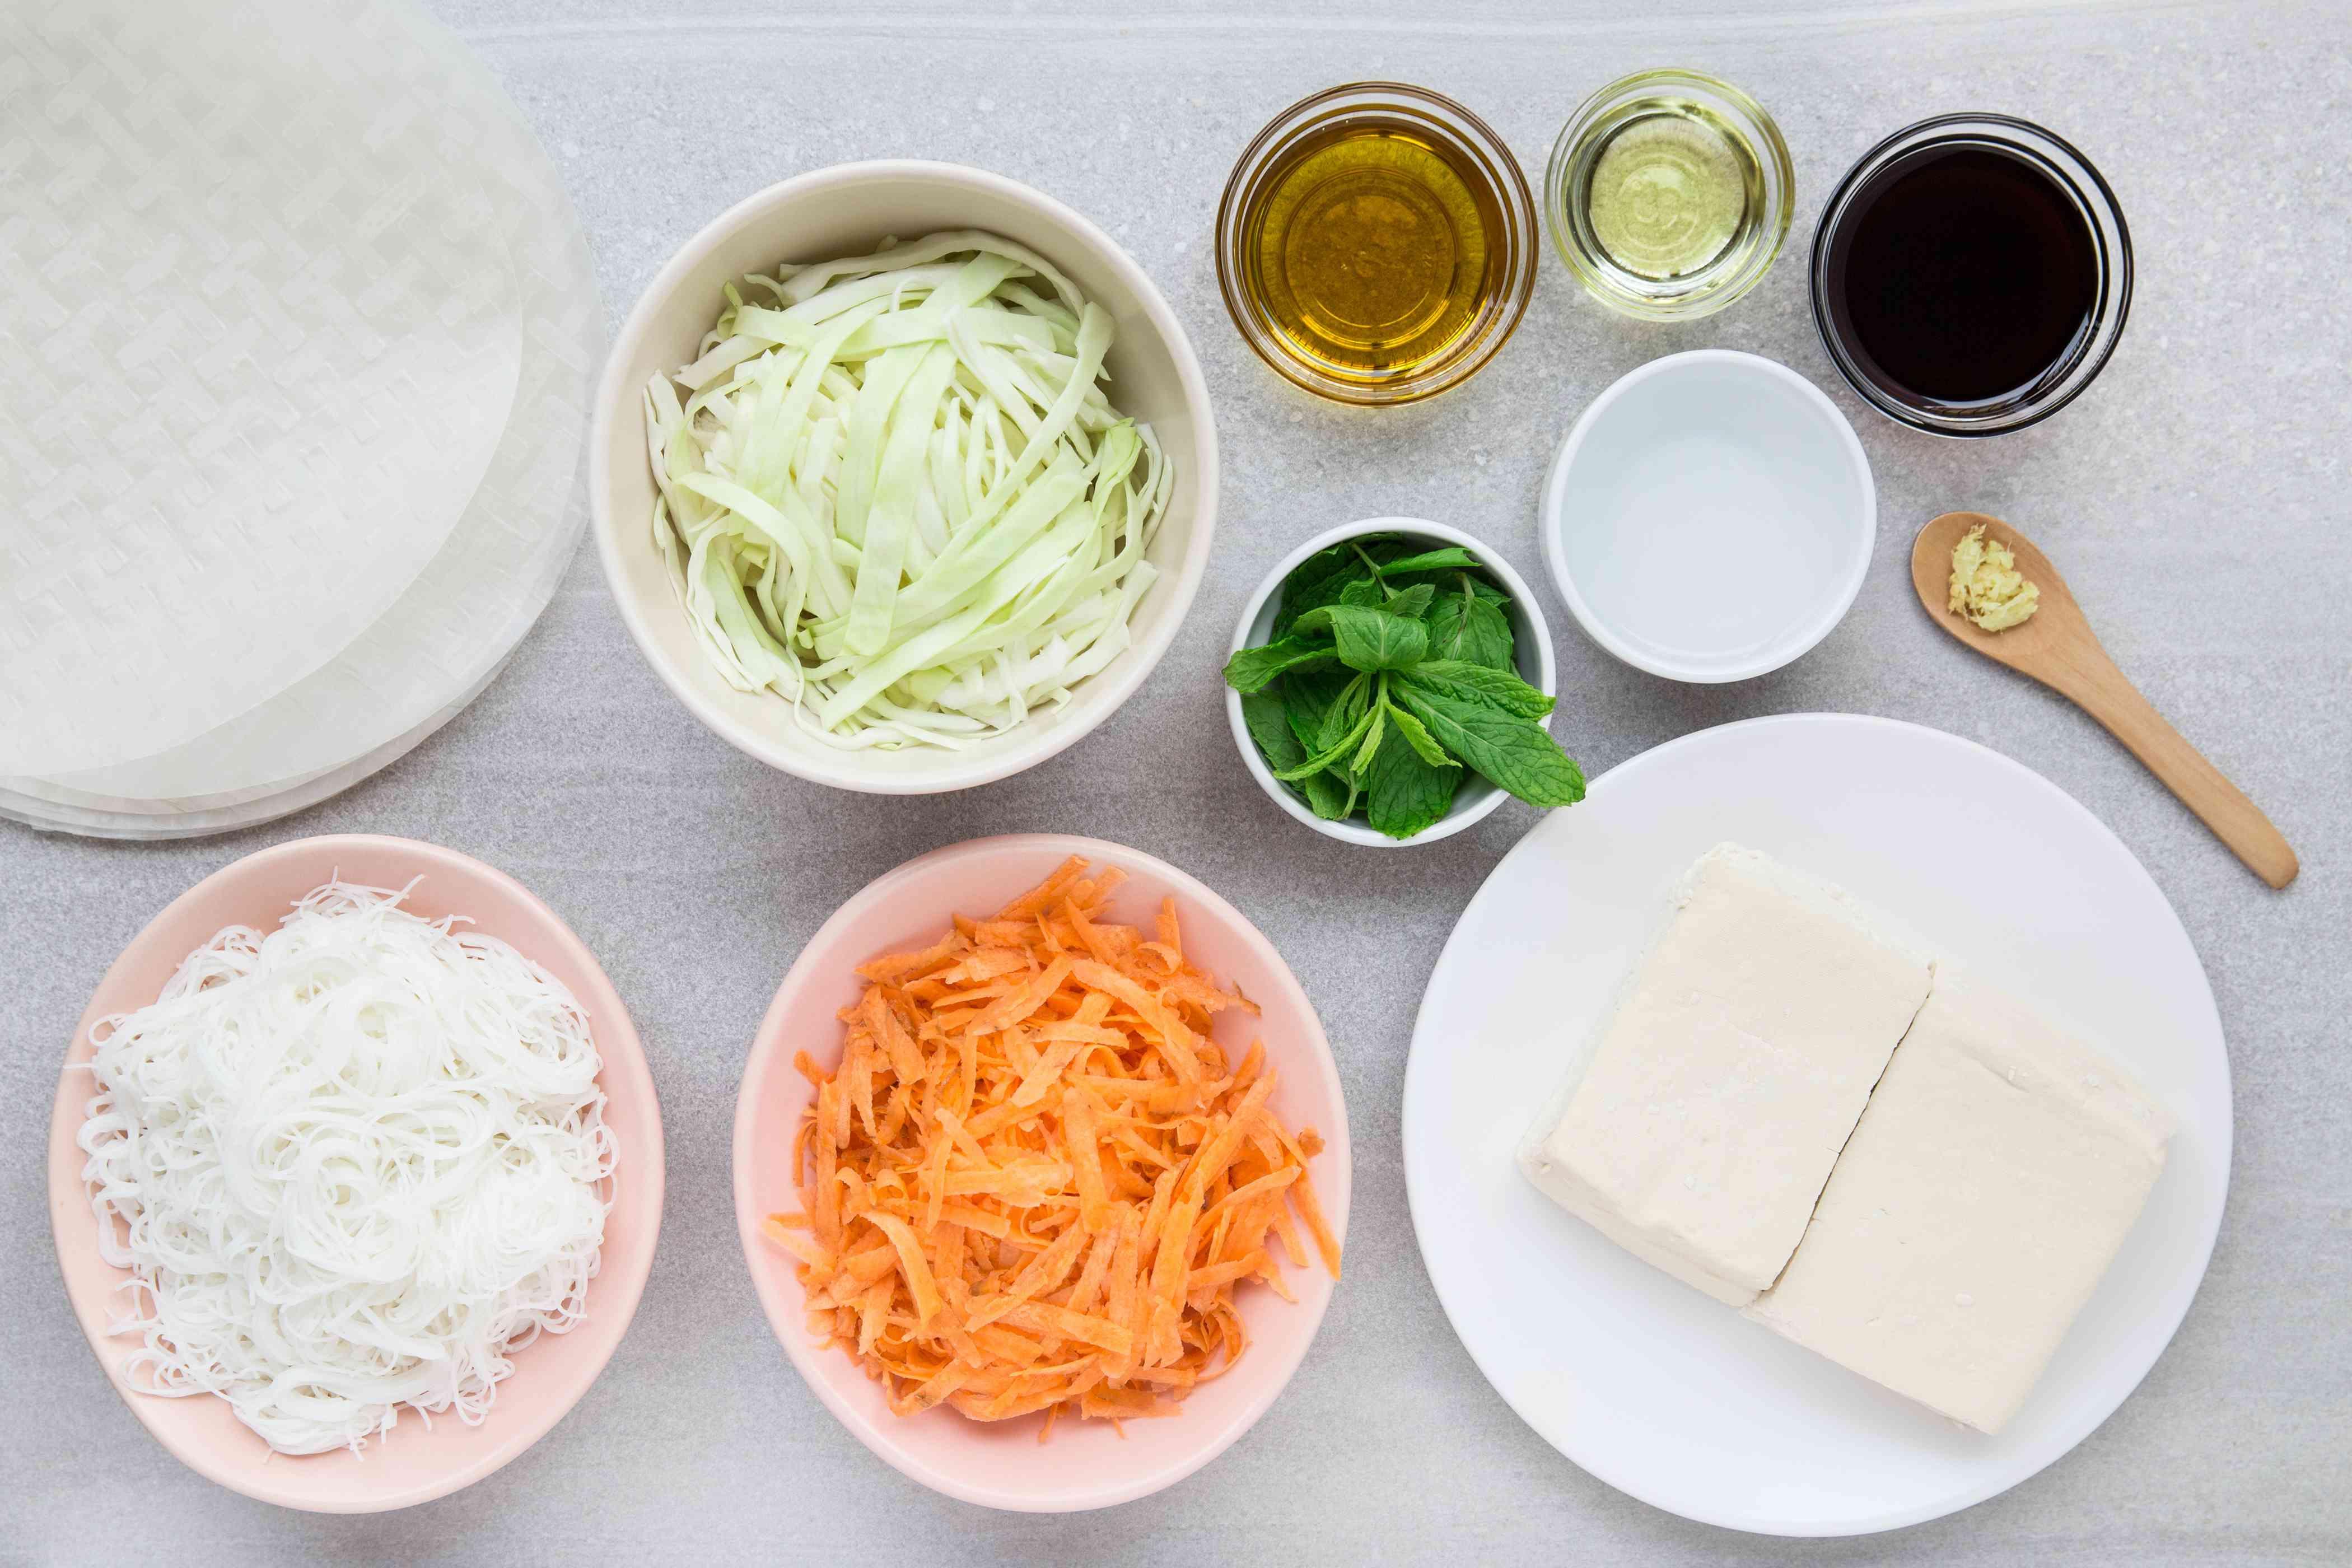 Vegan Tofu Spring Rolls ingredients